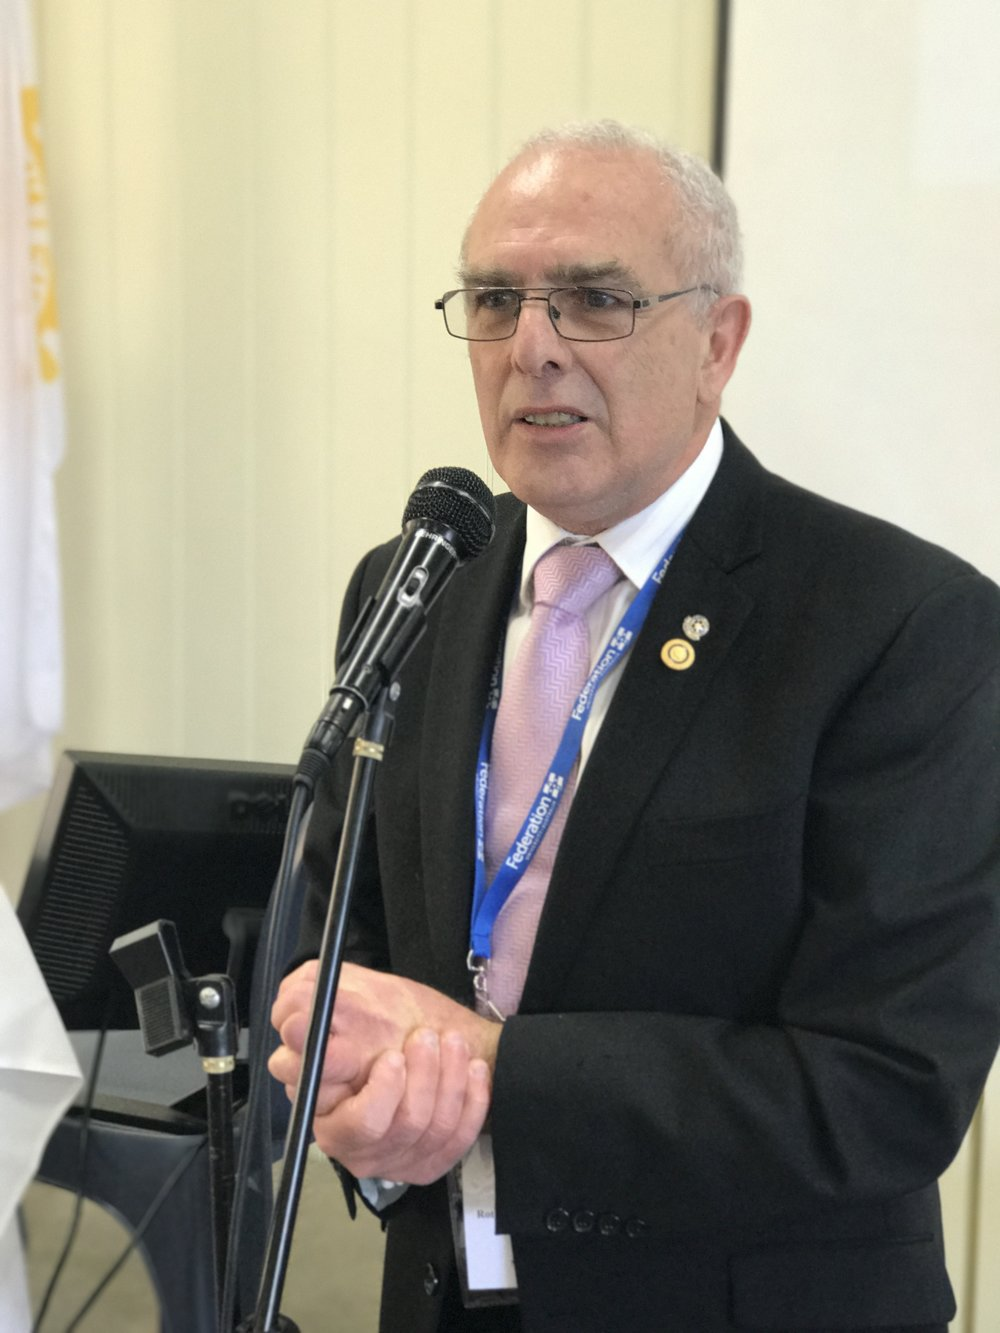 MUNA2017-Chairman.JPG